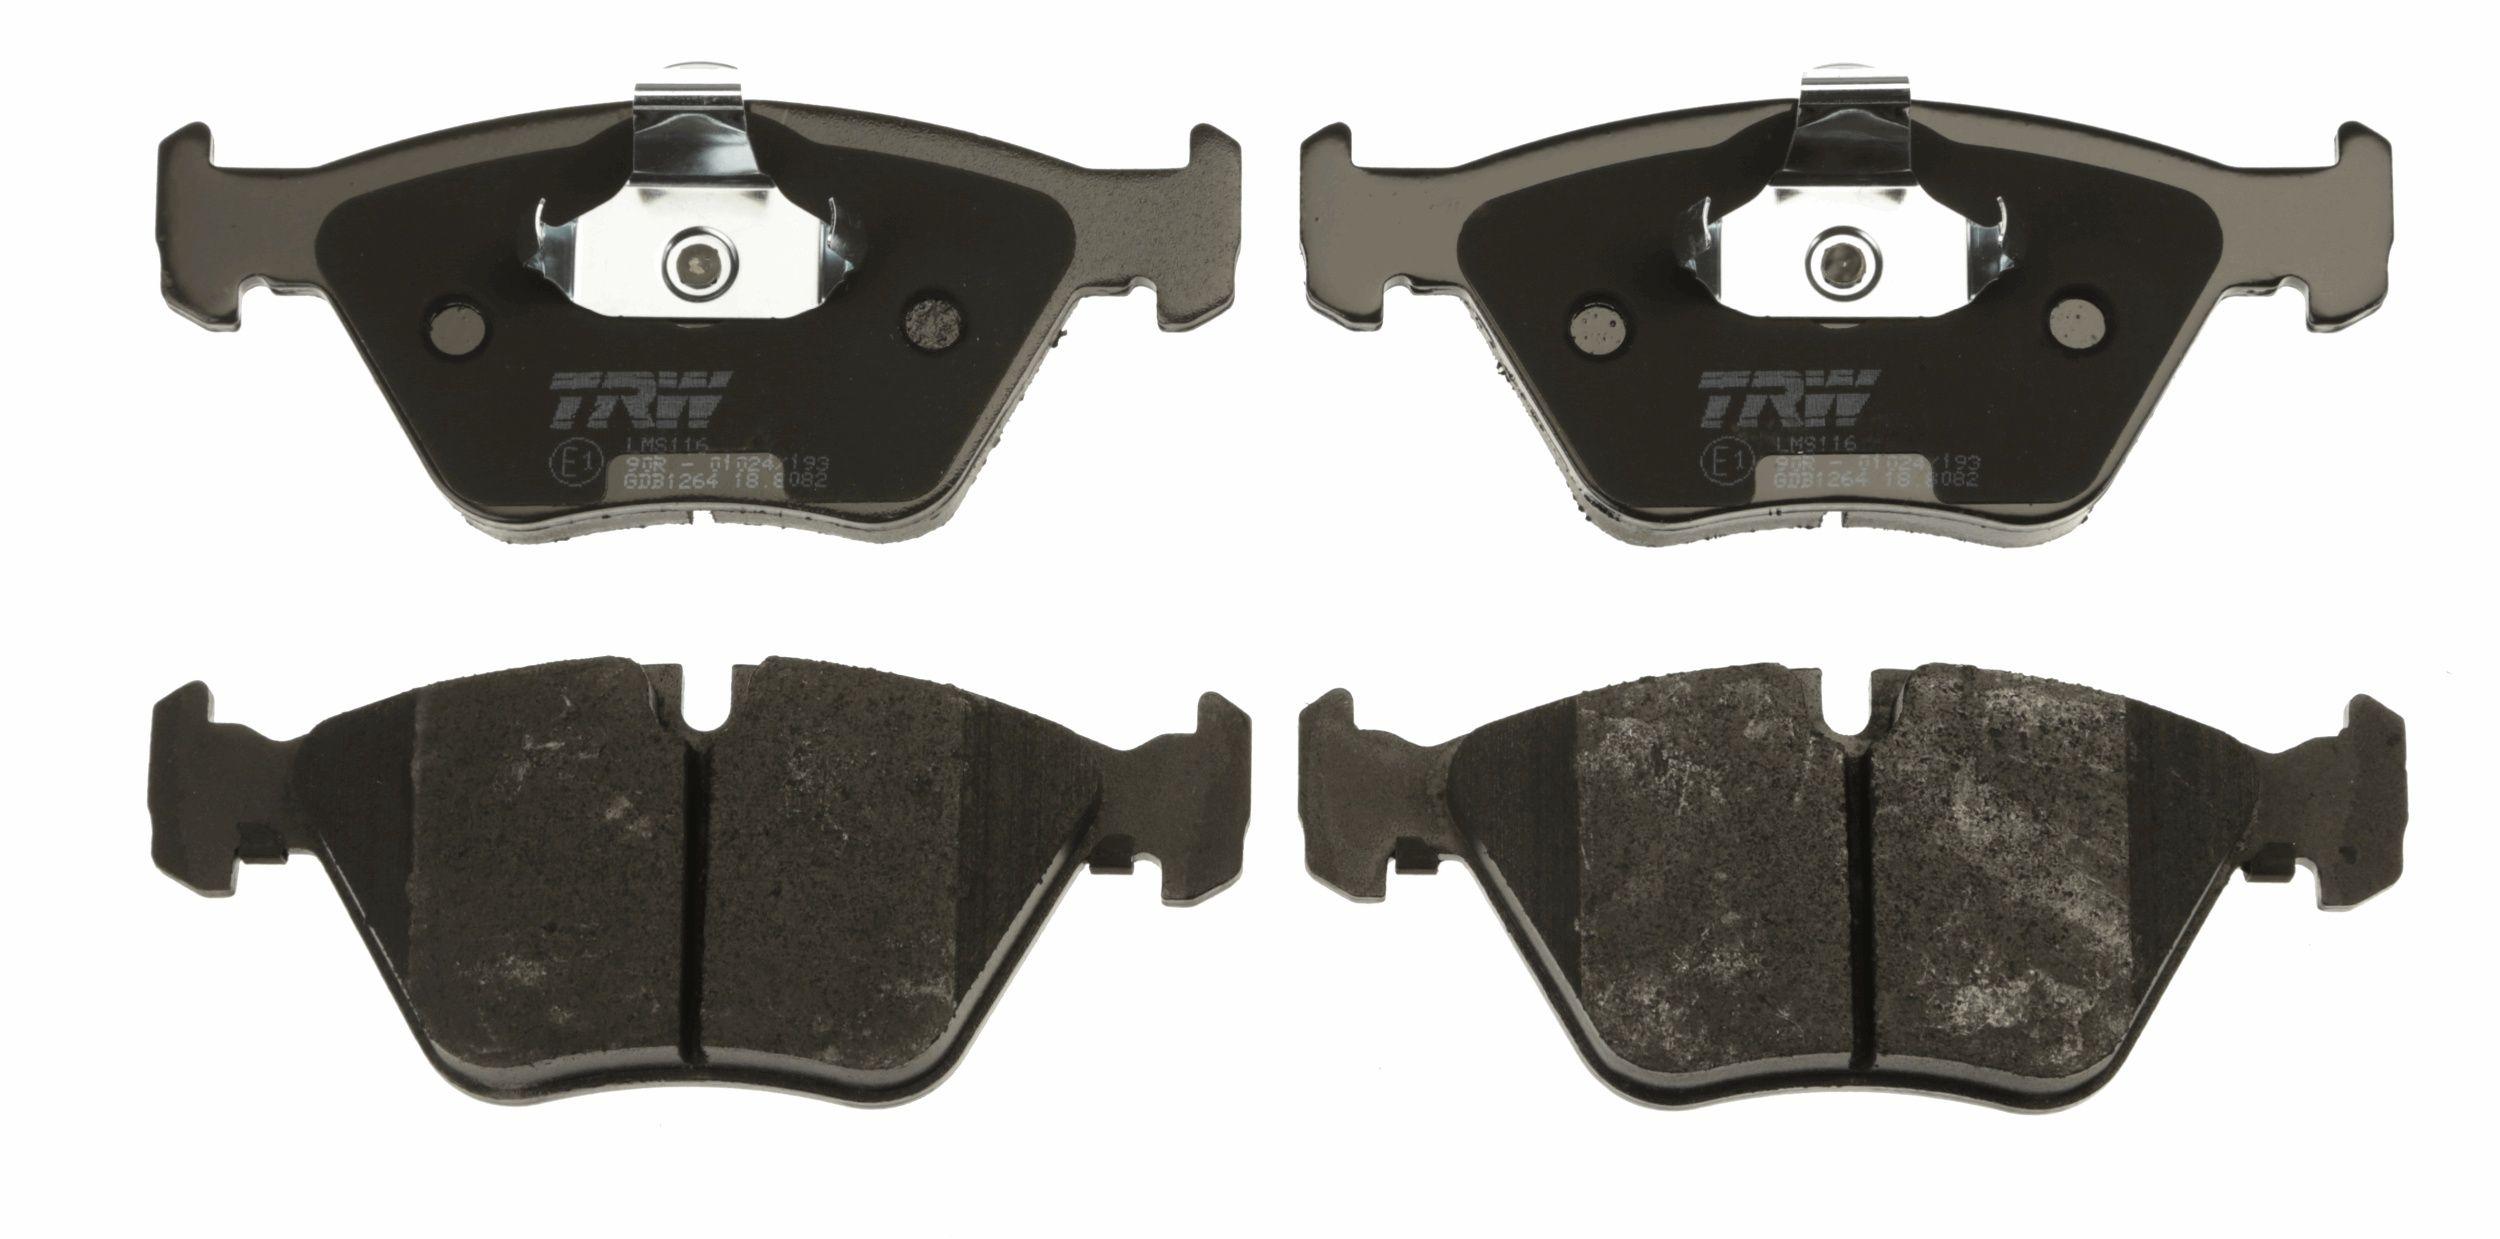 Bremsbelagsatz TRW GDB1264 Bewertung